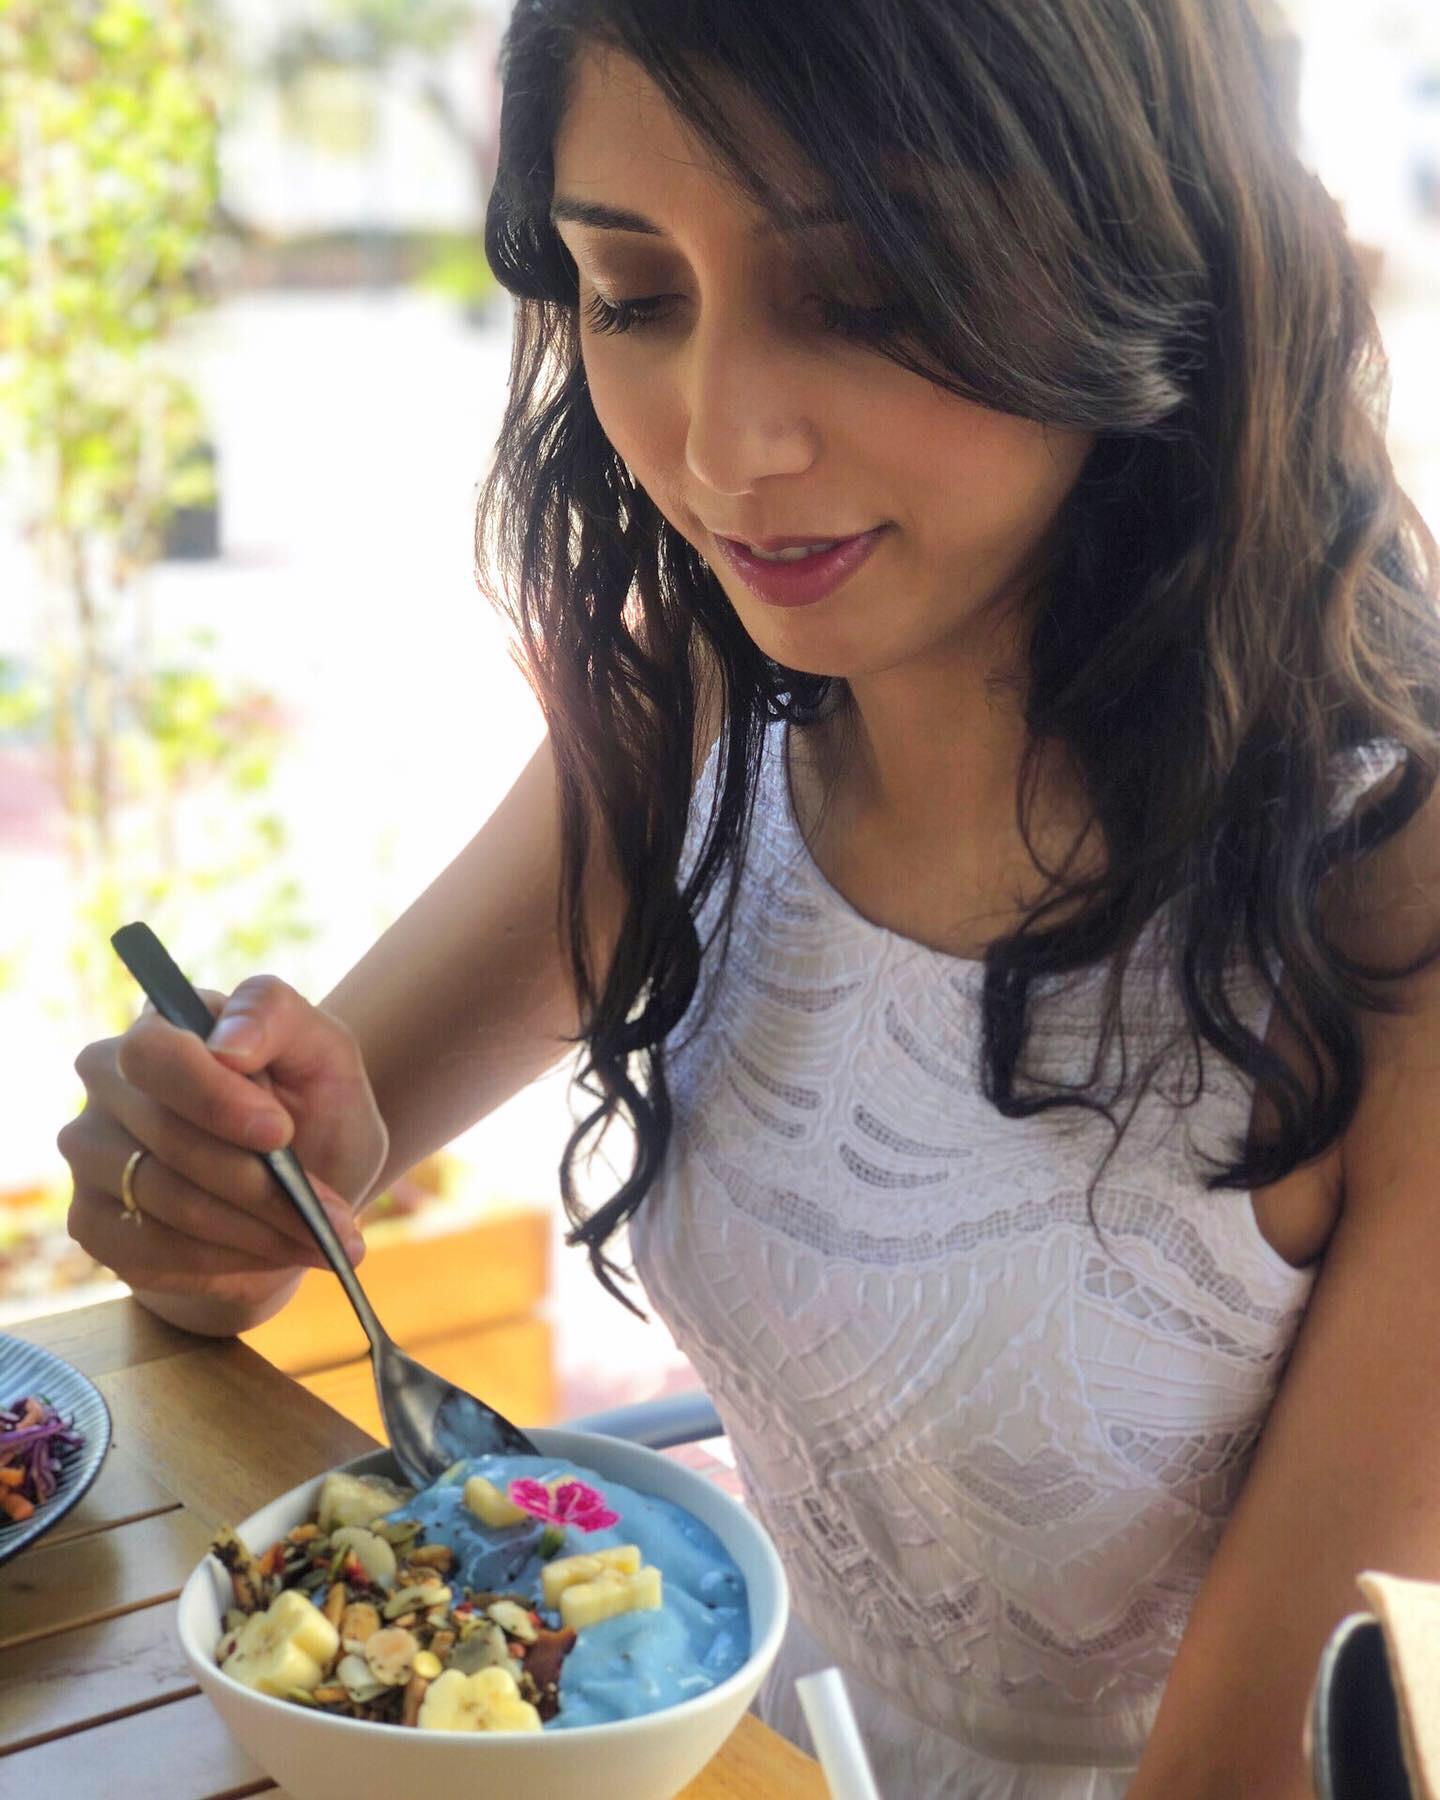 Girl eating vegan spirulina bowl